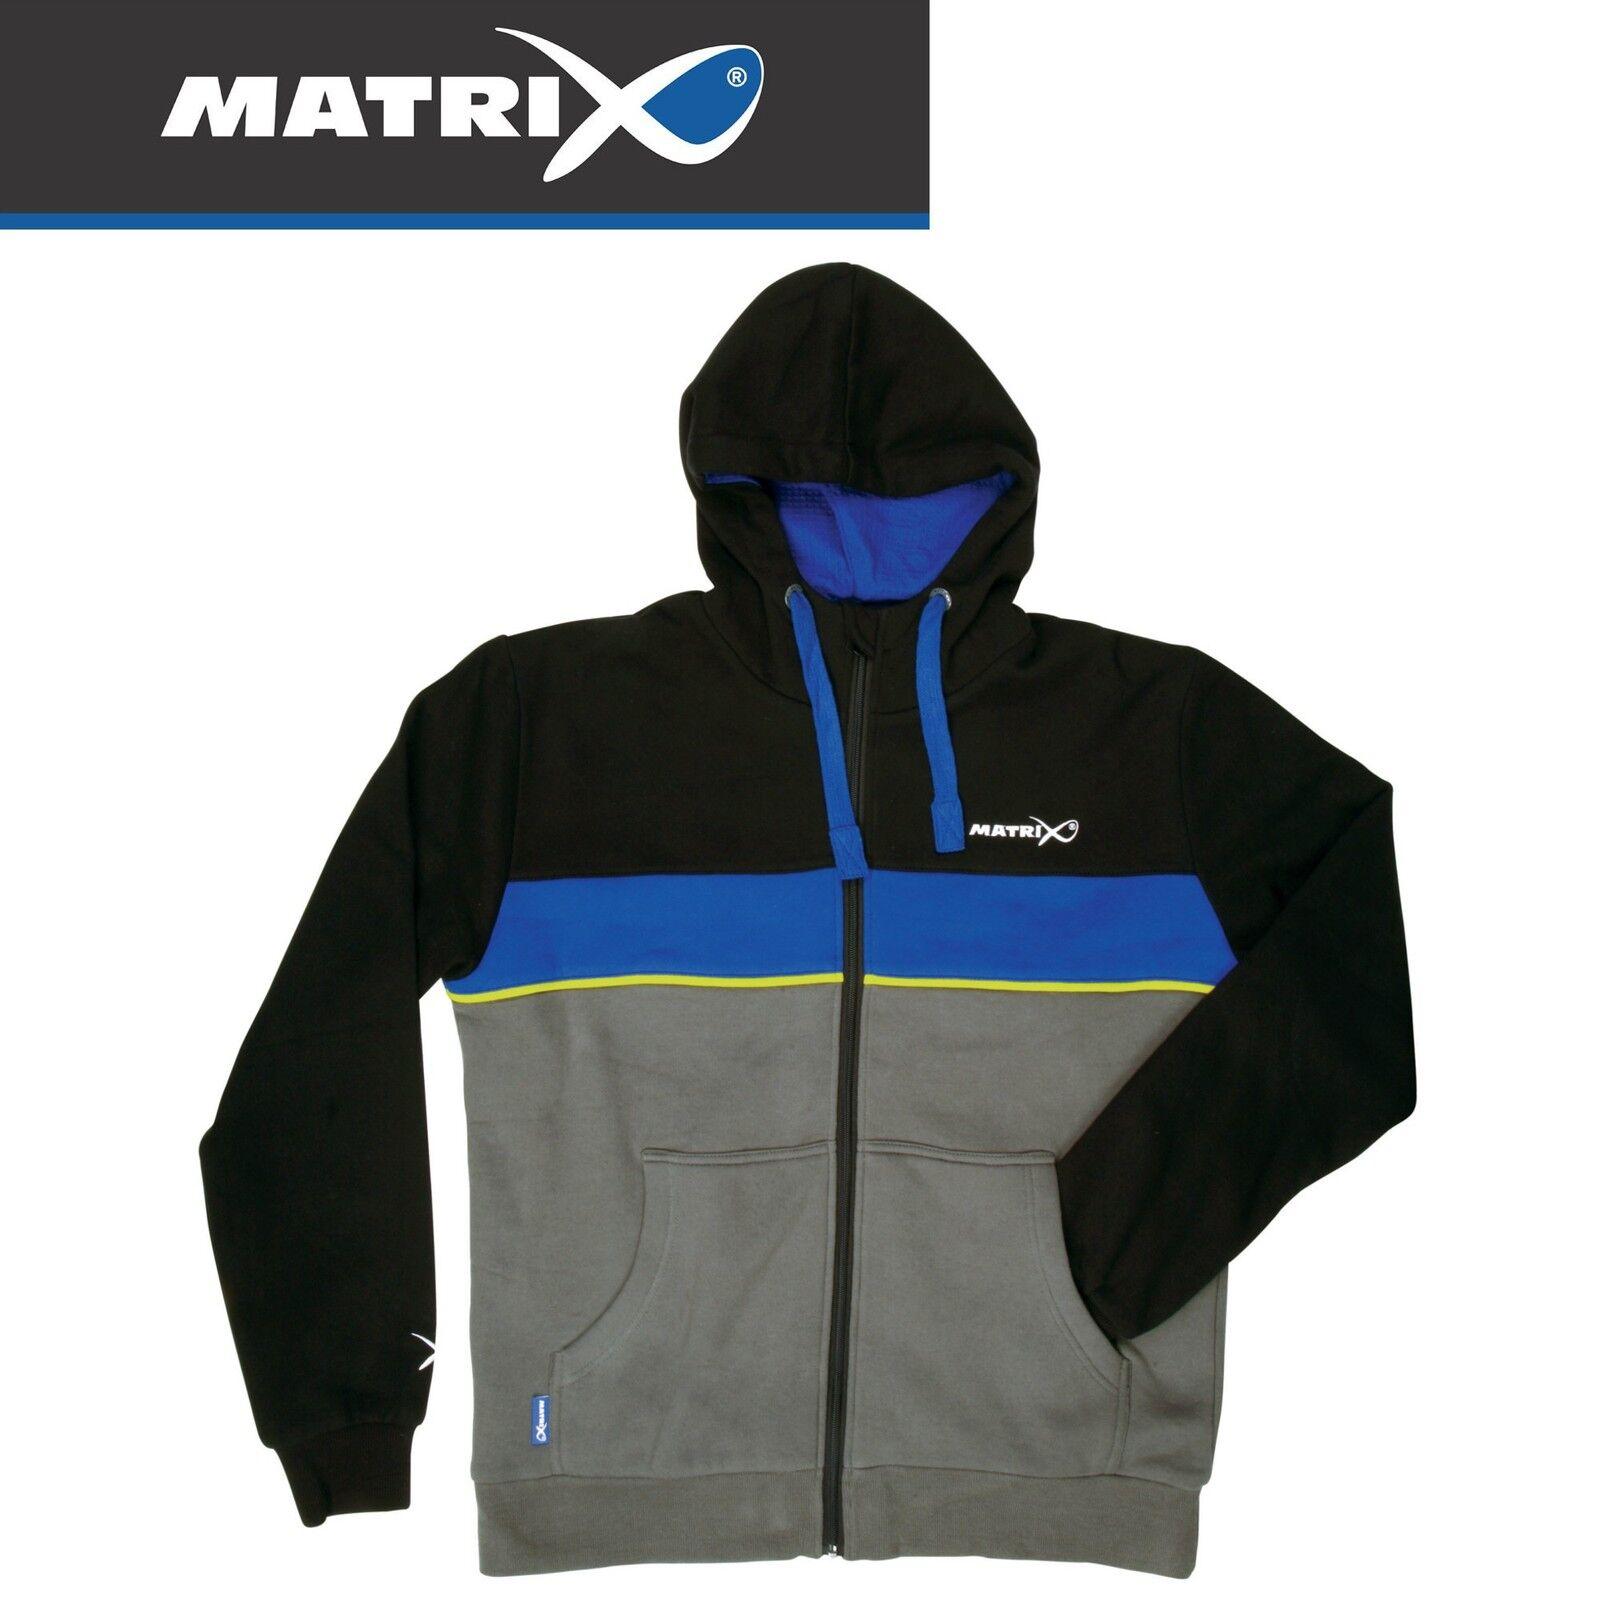 Fox Matrix Fleece Lined Hoody - Angelpullover Hoodie Kapuzenpullover Kapuzenpullover Kapuzenpullover Pullover ef9b4a